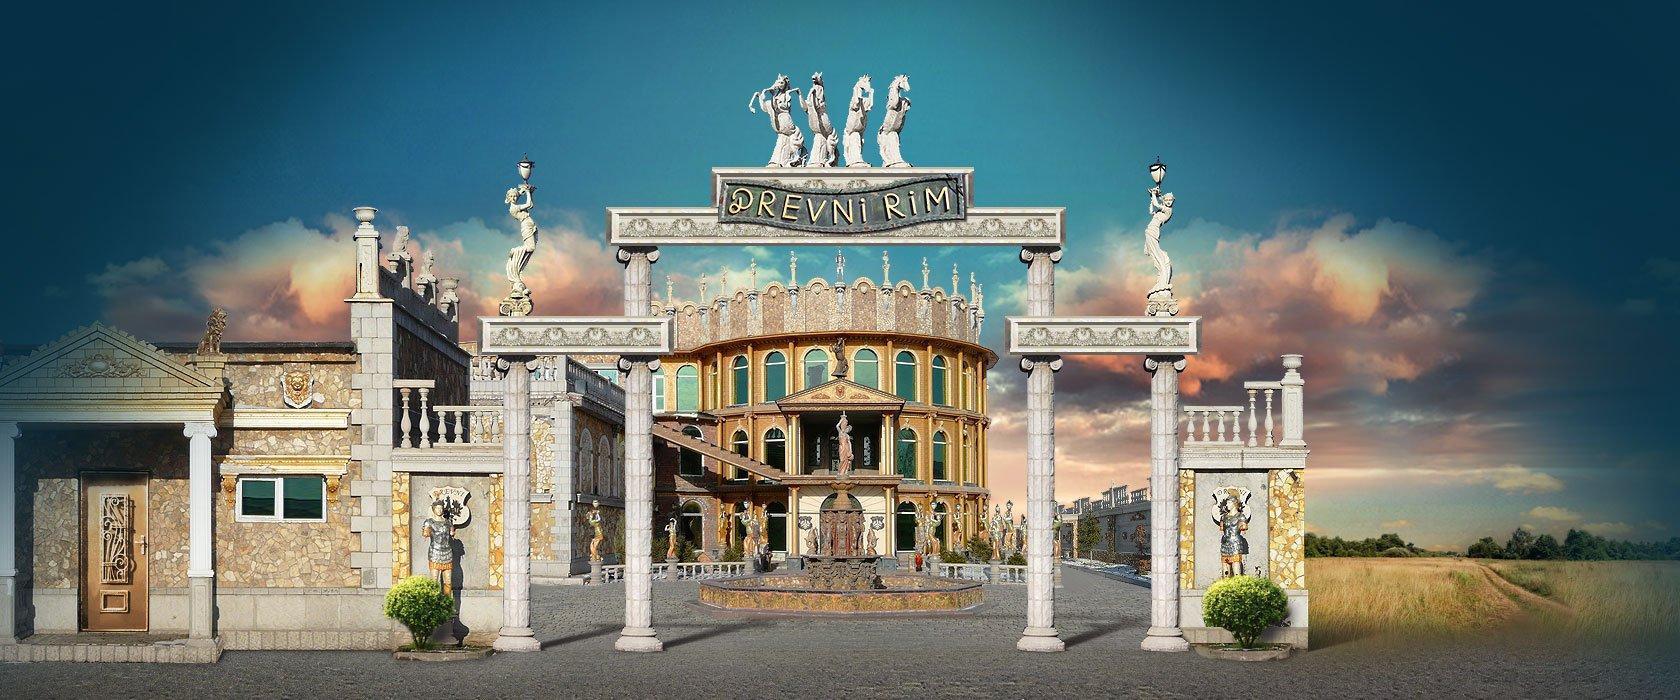 ресторан древний рим караганда фото